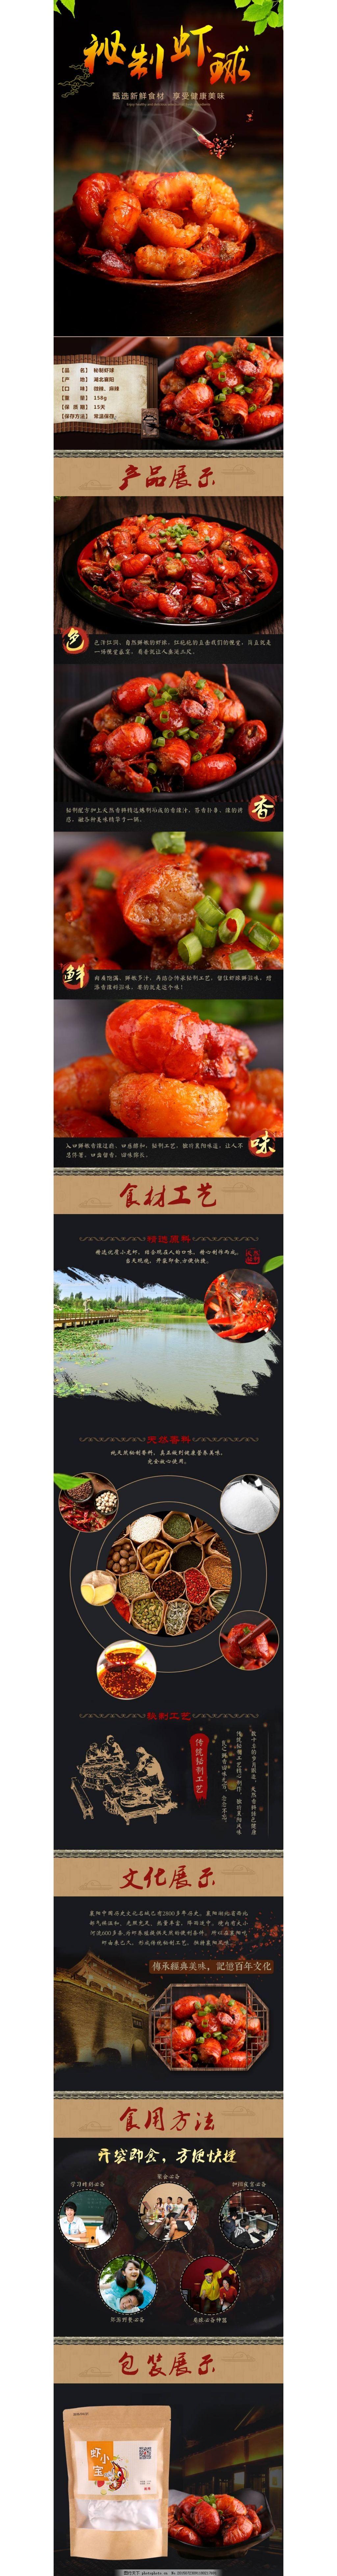 虾球详情页 淘宝详情页 黑色背景 古风 中国风 食物详情页 淘宝海报